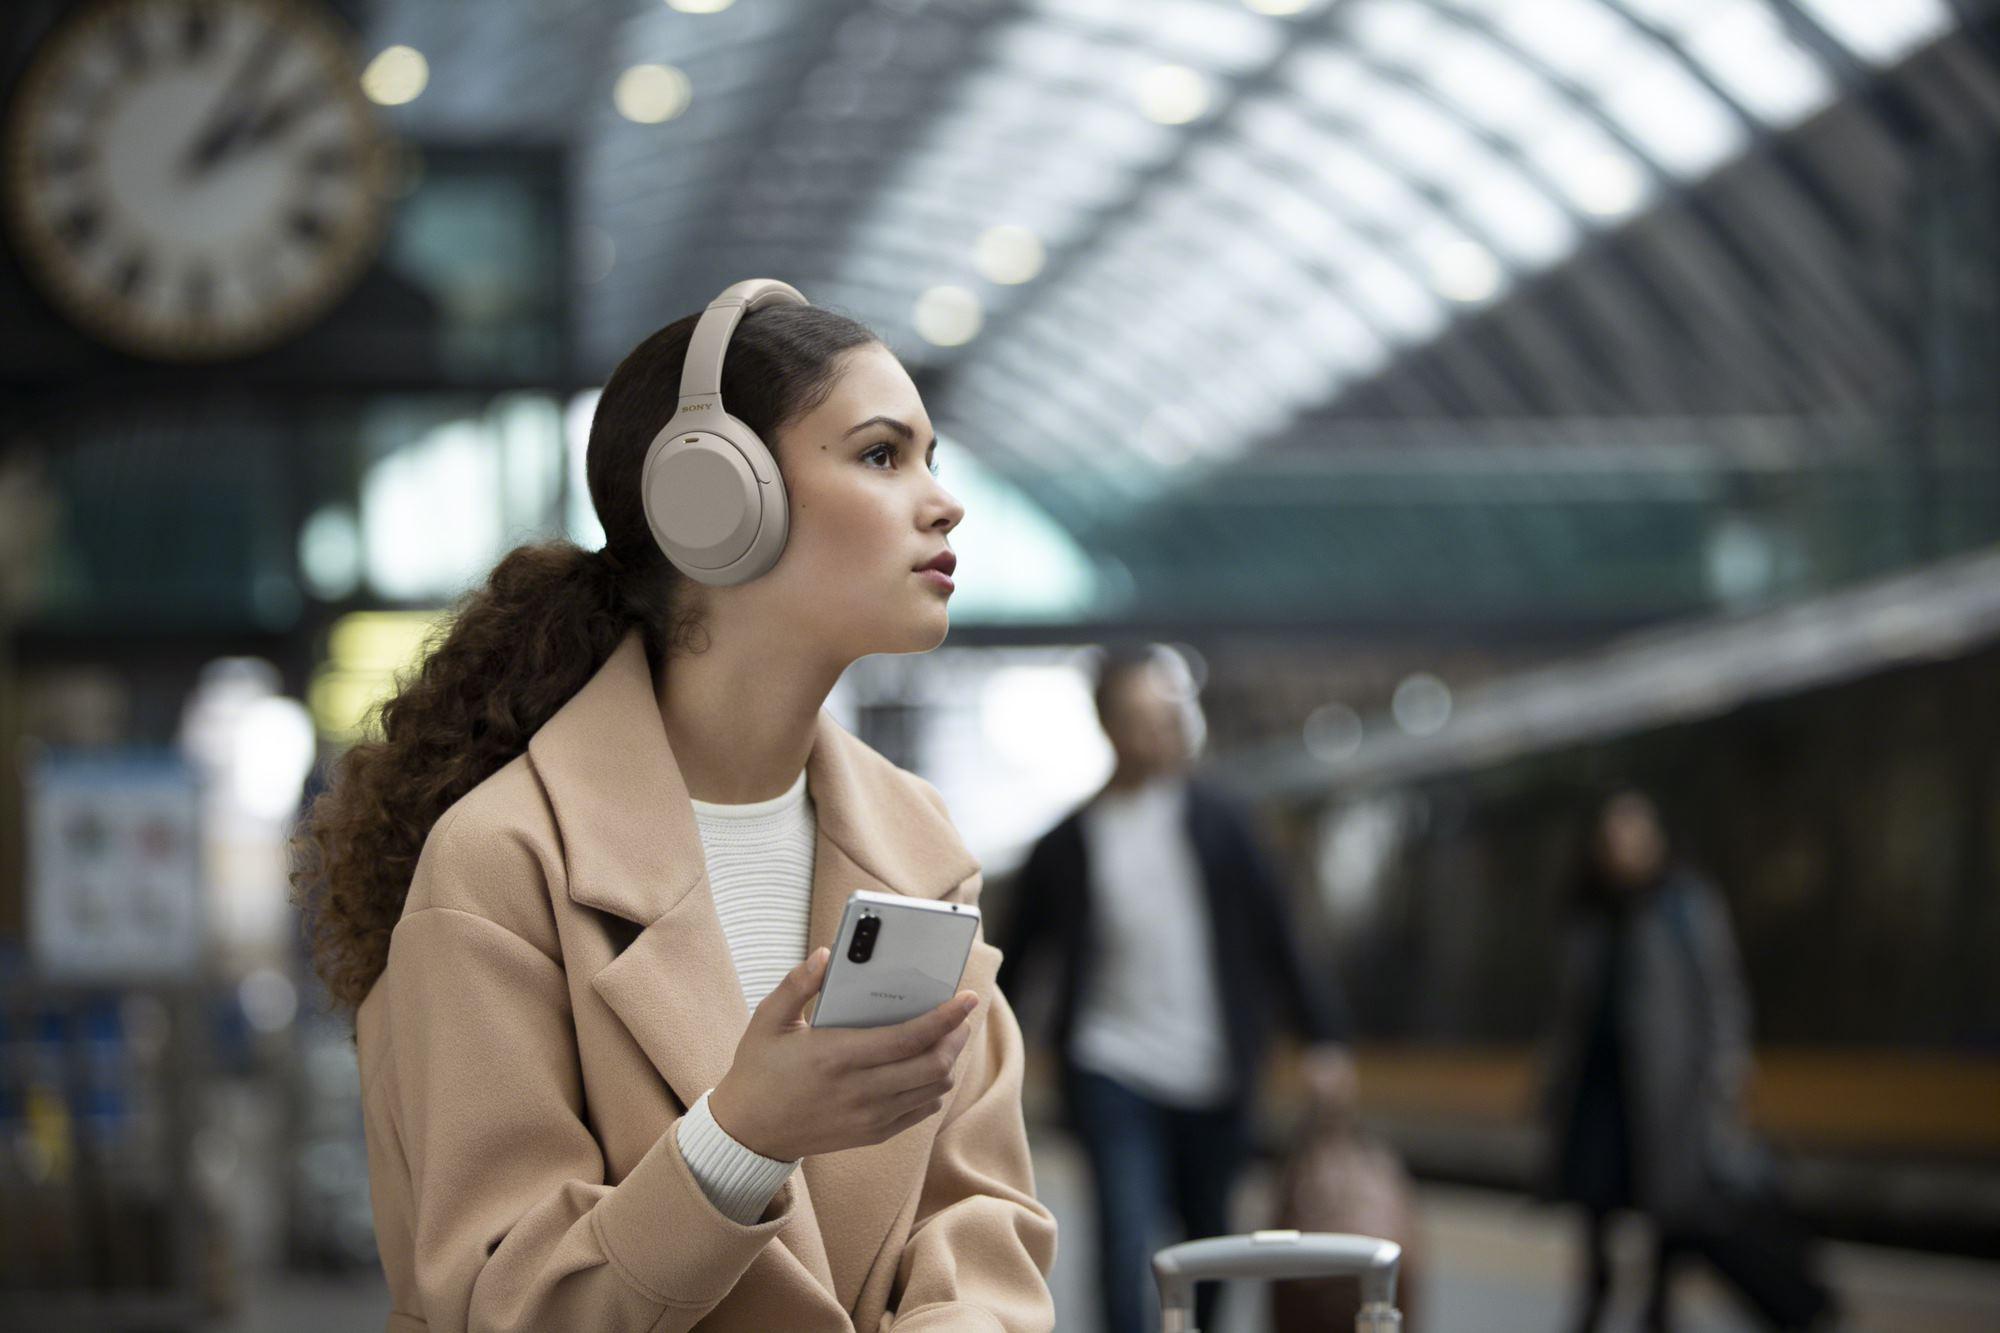 سوني الشرق الأوسط وأفريقيا تعلن عن طرح سماعات WH-1000XM4